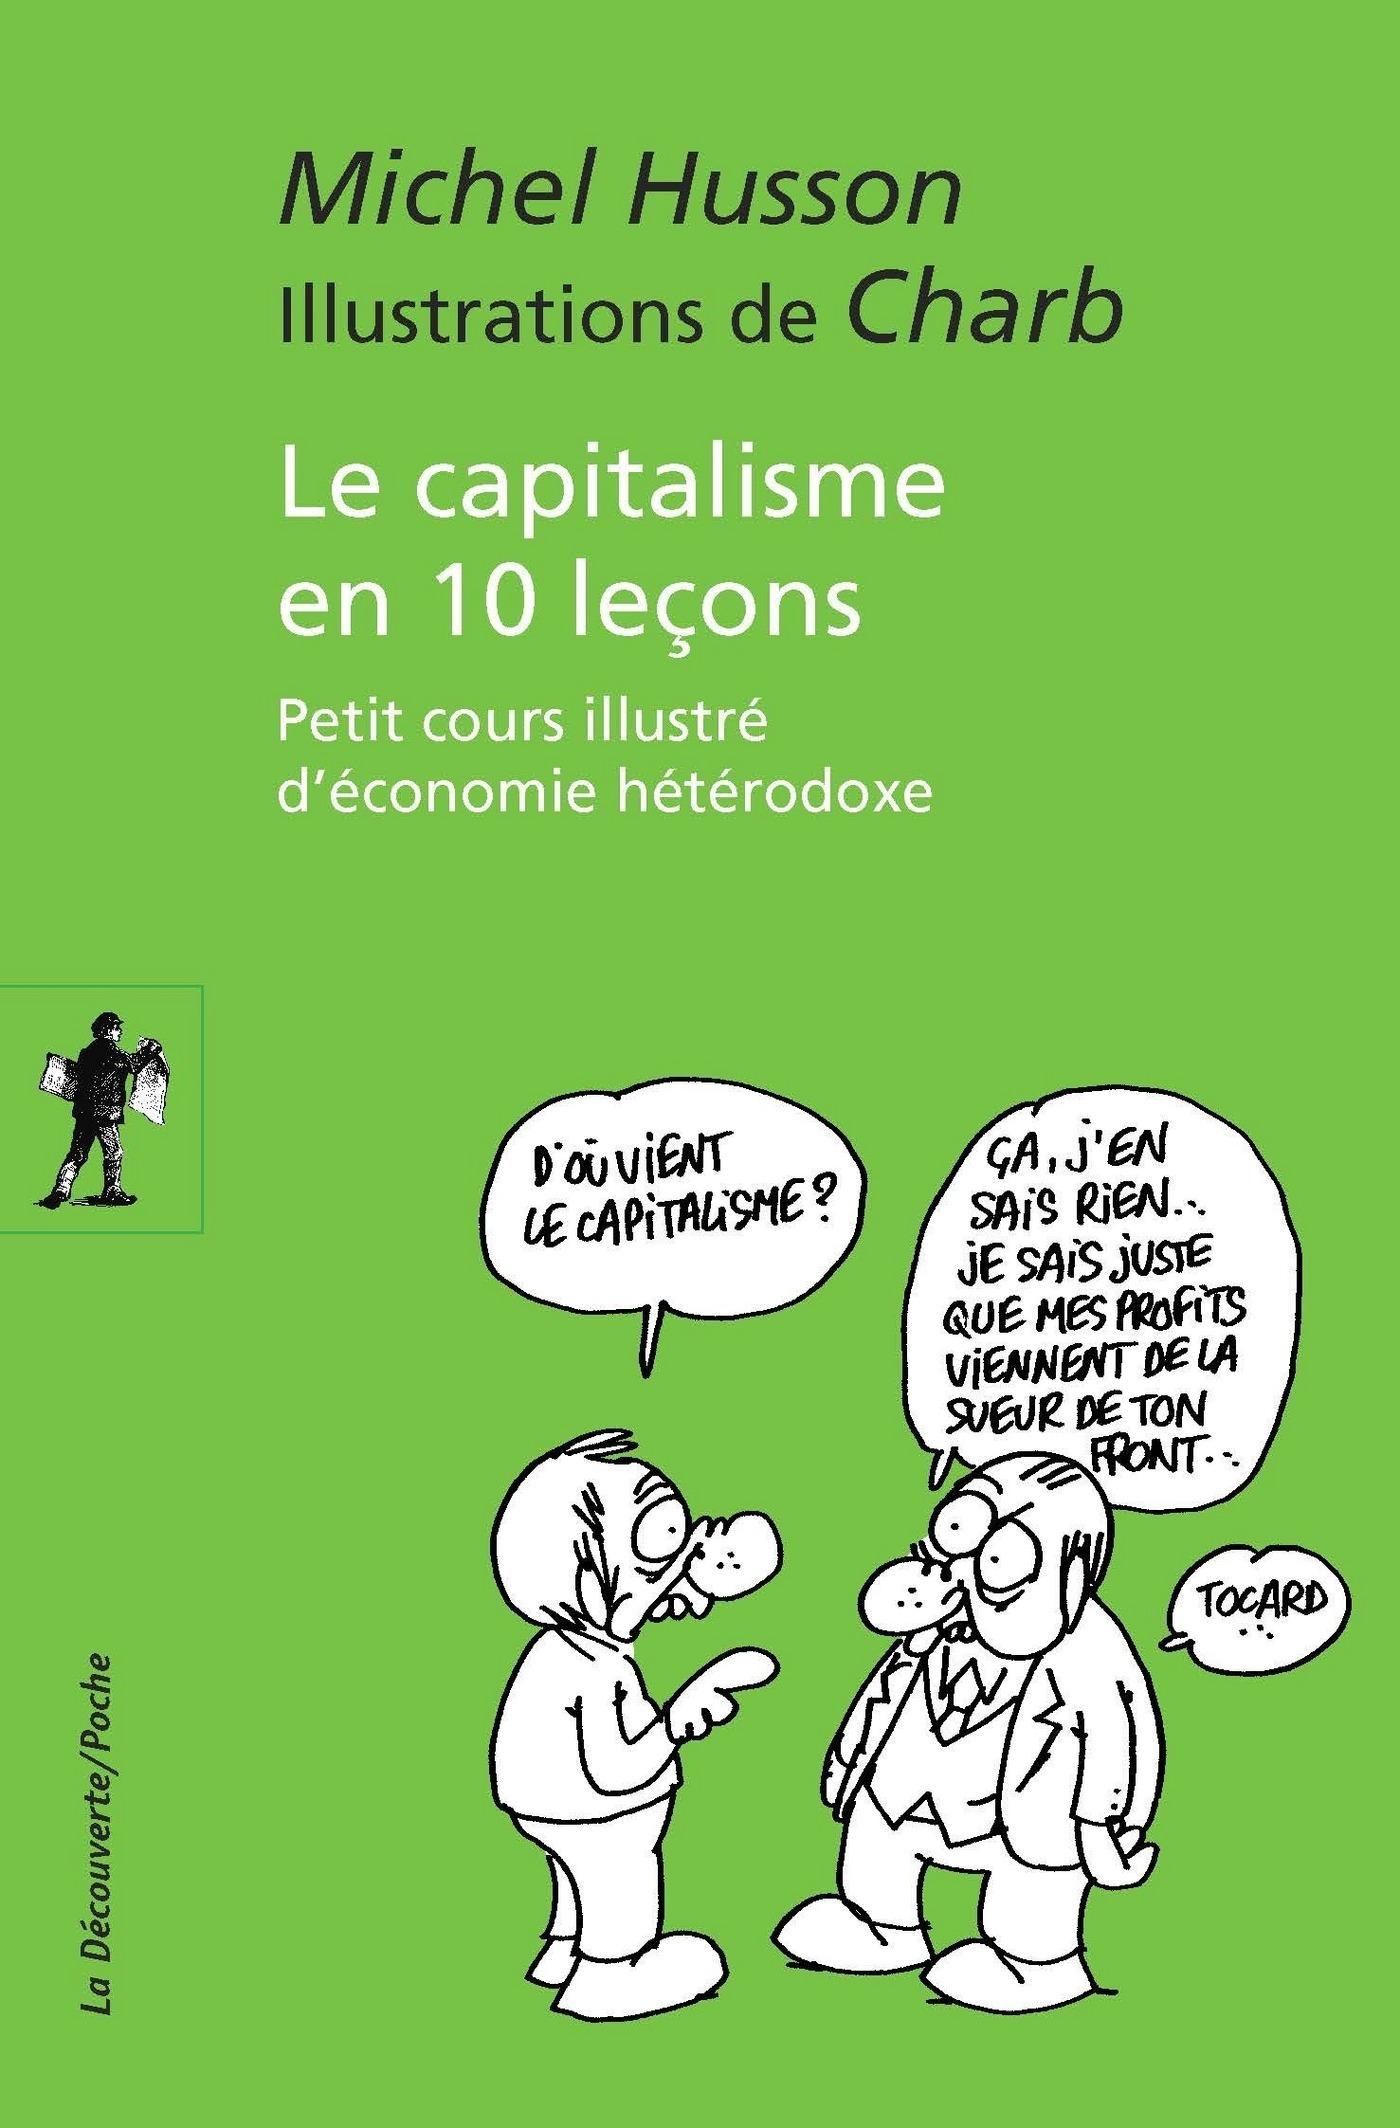 Le capitalisme en 10 leçons | CHARB,